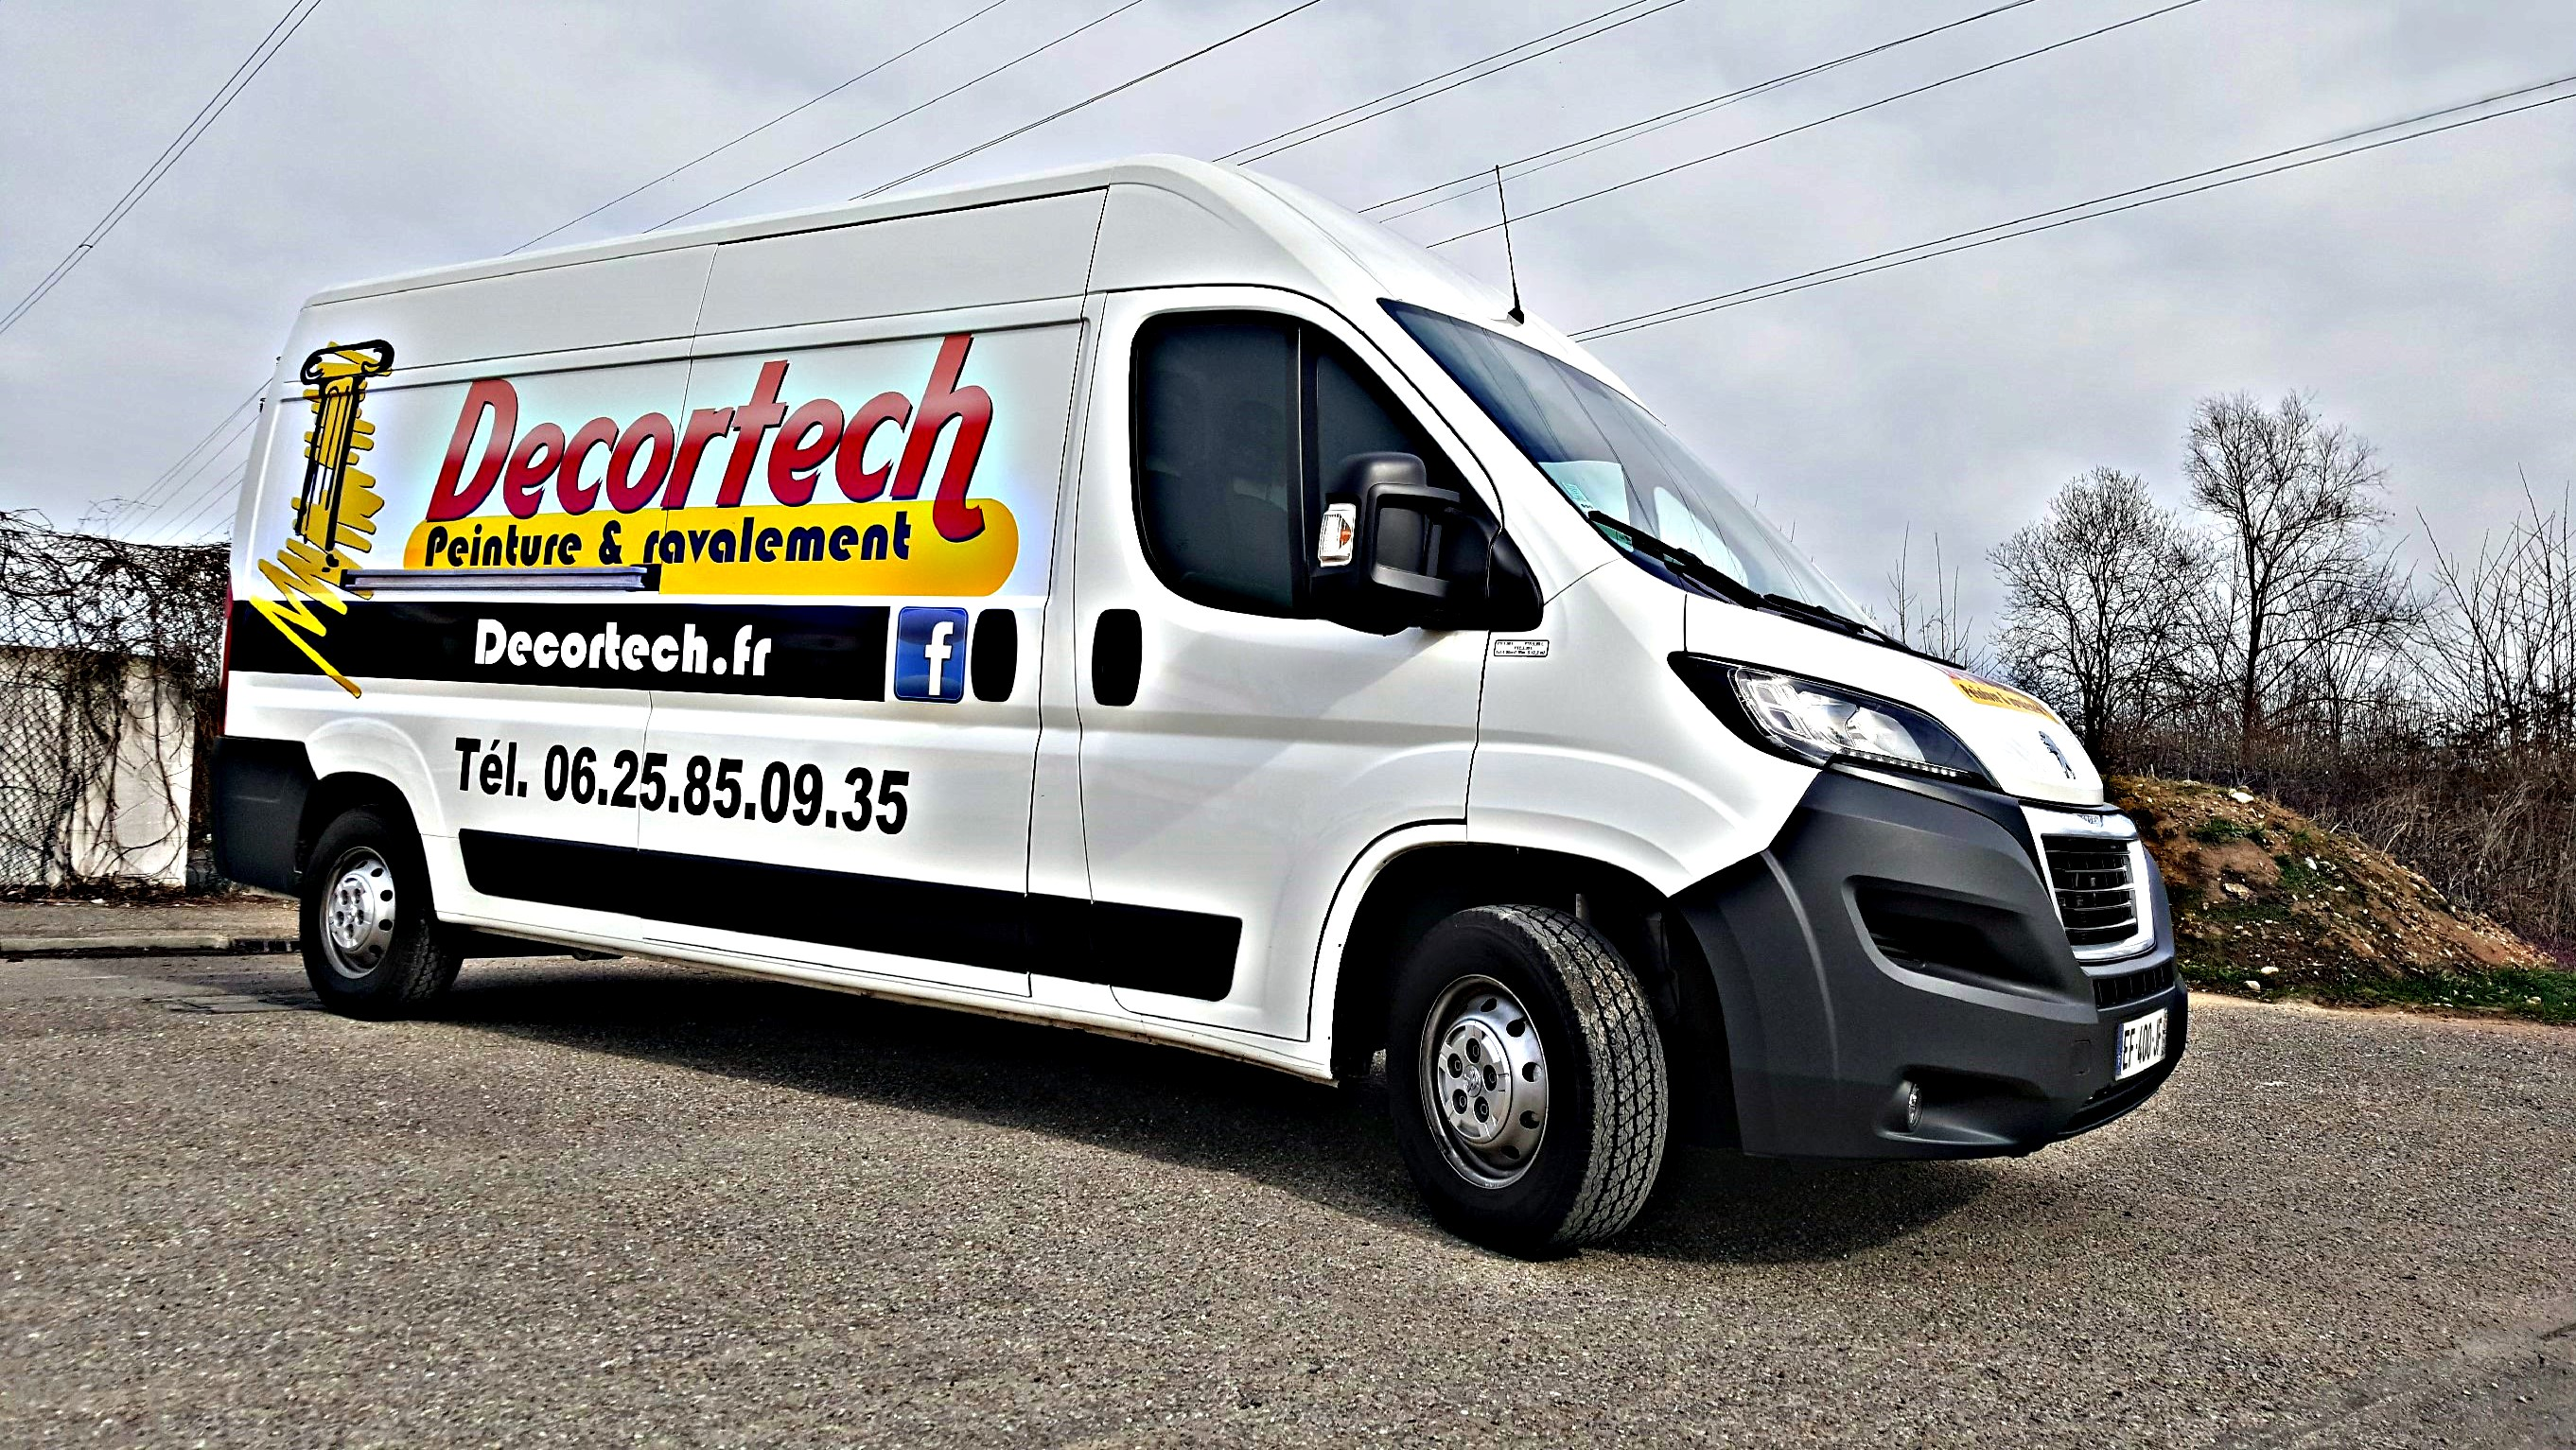 Decortech camionette Rénovation peinture et ravalement